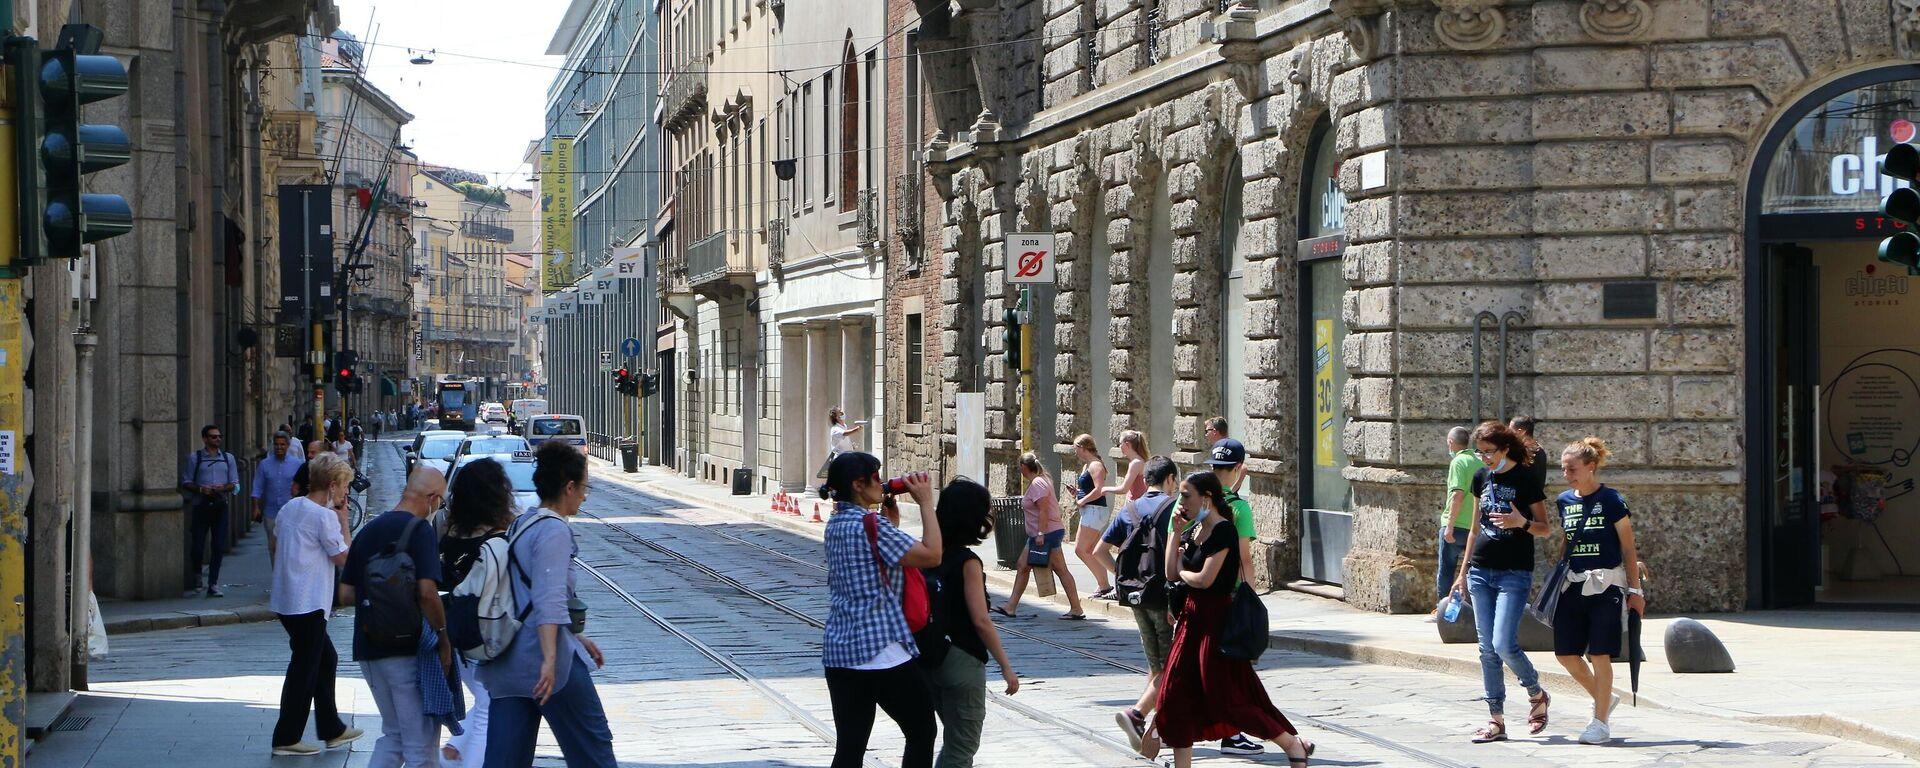 Le persone vanno al lavoro - Sputnik Italia, 1920, 17.09.2021